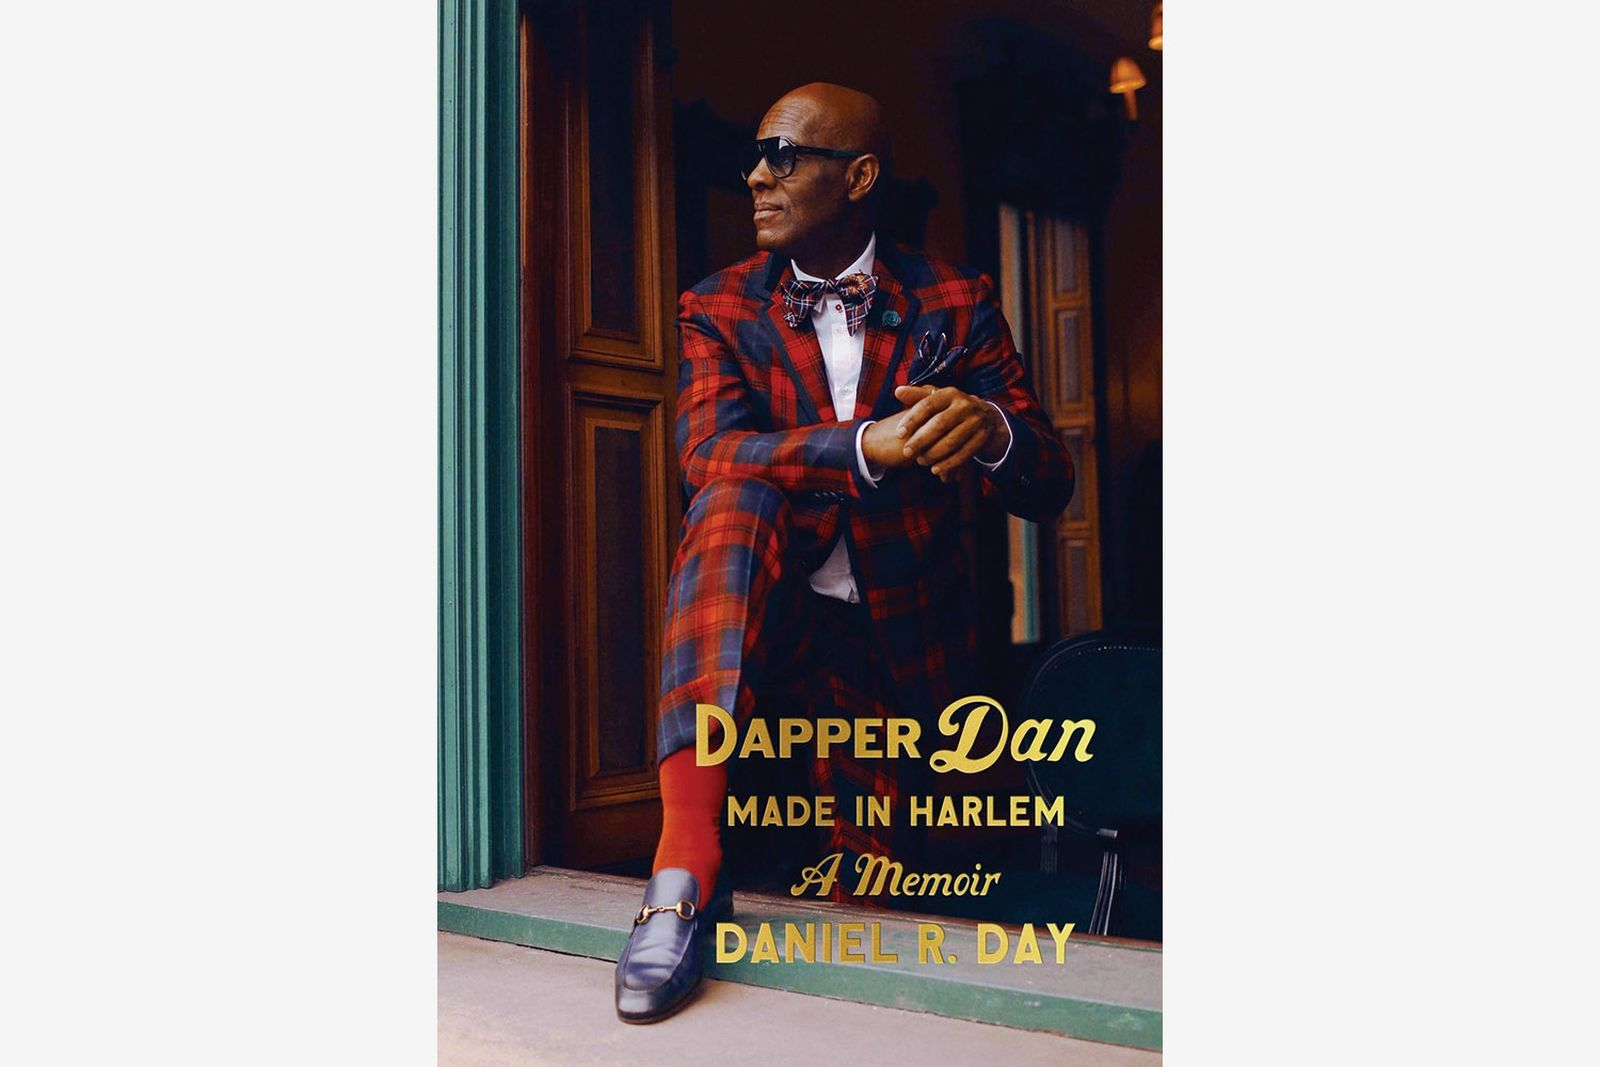 dapper dan made in harlem memoir main Dapper Dan: Made In Harlem